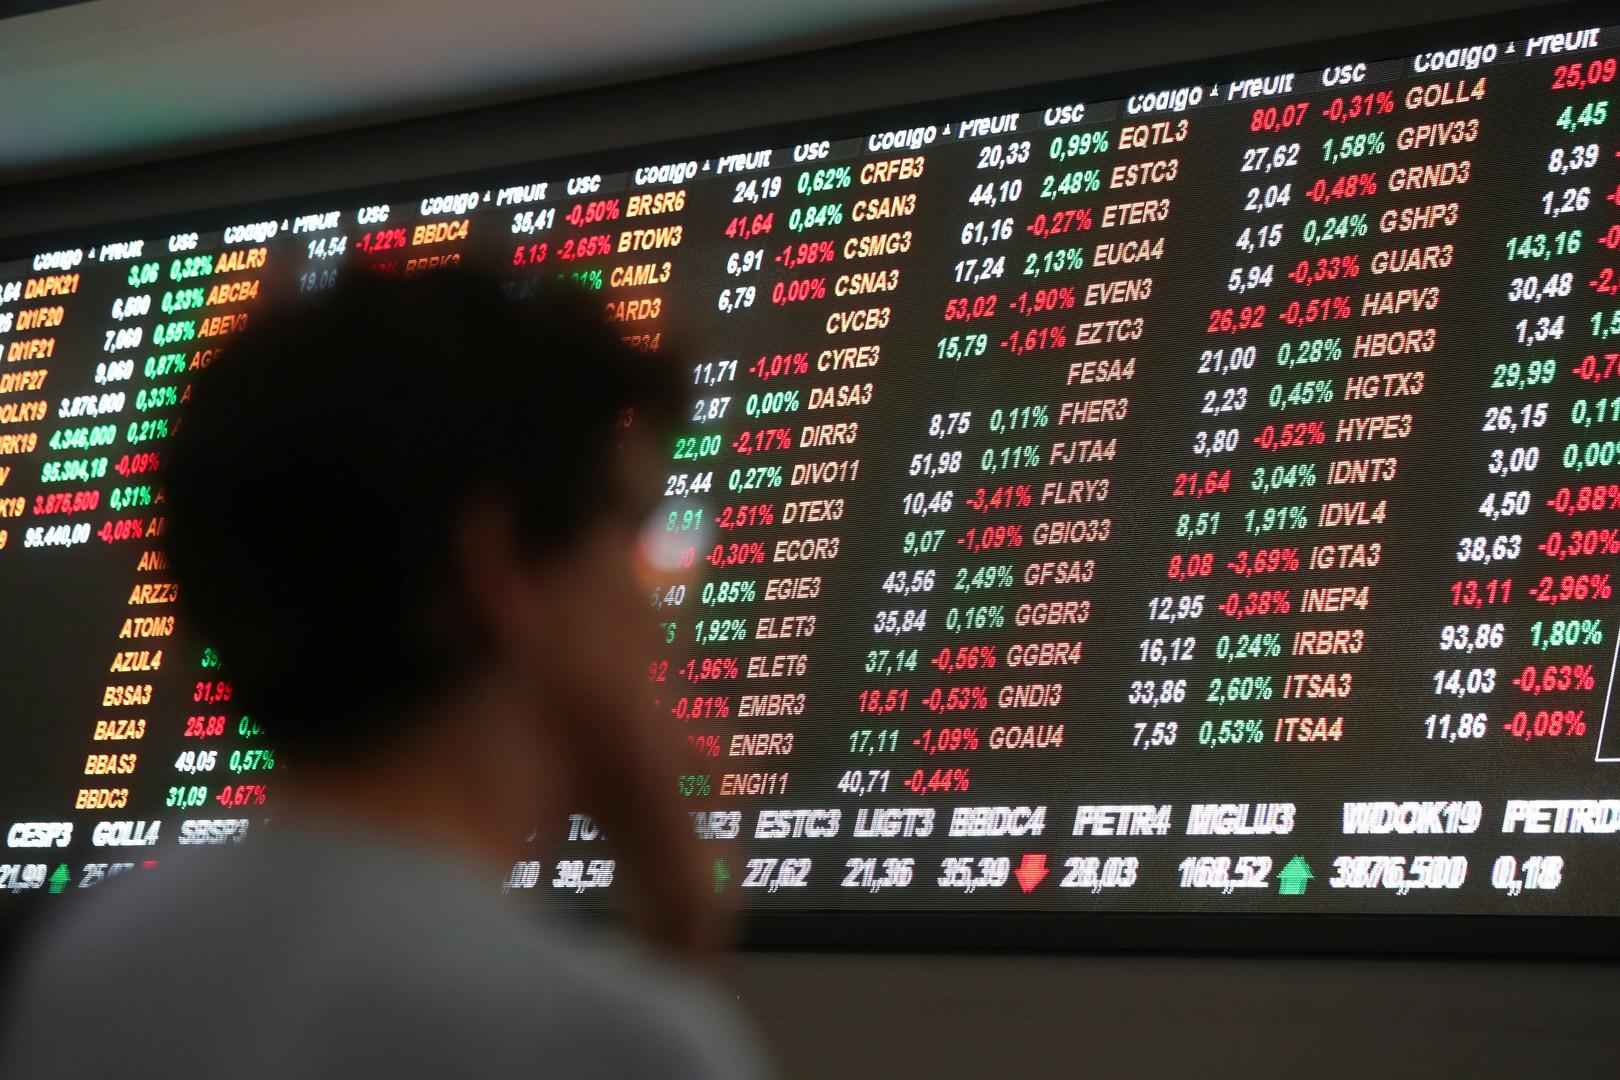 انخفاض الأسهم الأوروبية بعد تحقيق أمريكي غير مسبوق